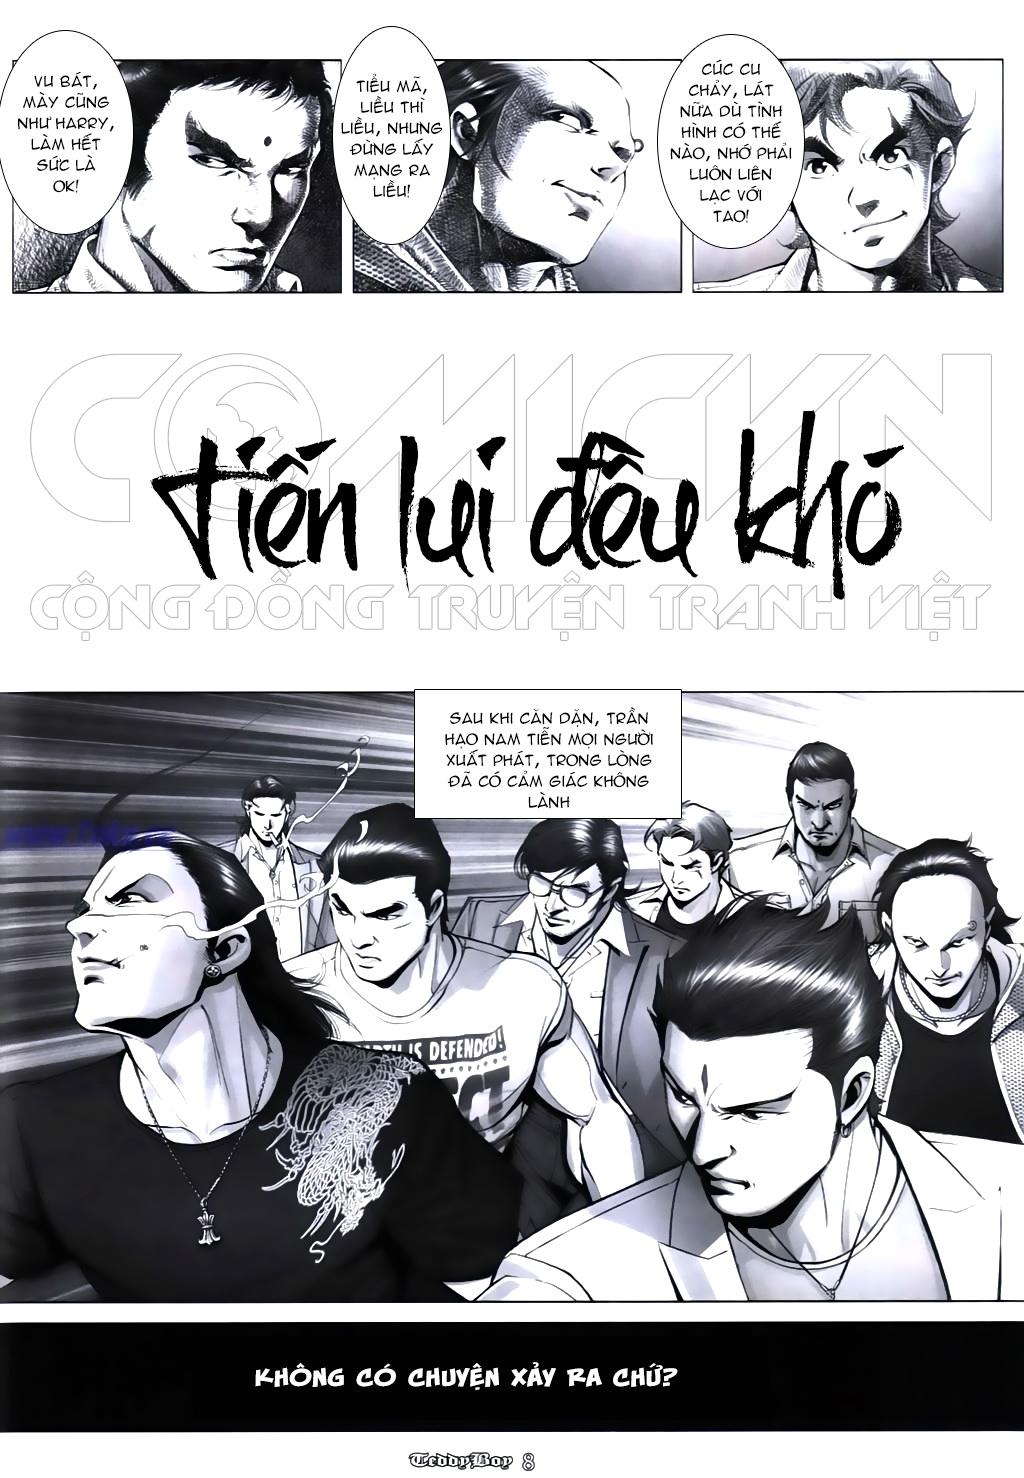 Người Trong Giang Hồ NetTruyen chap 1109 - Trang 3